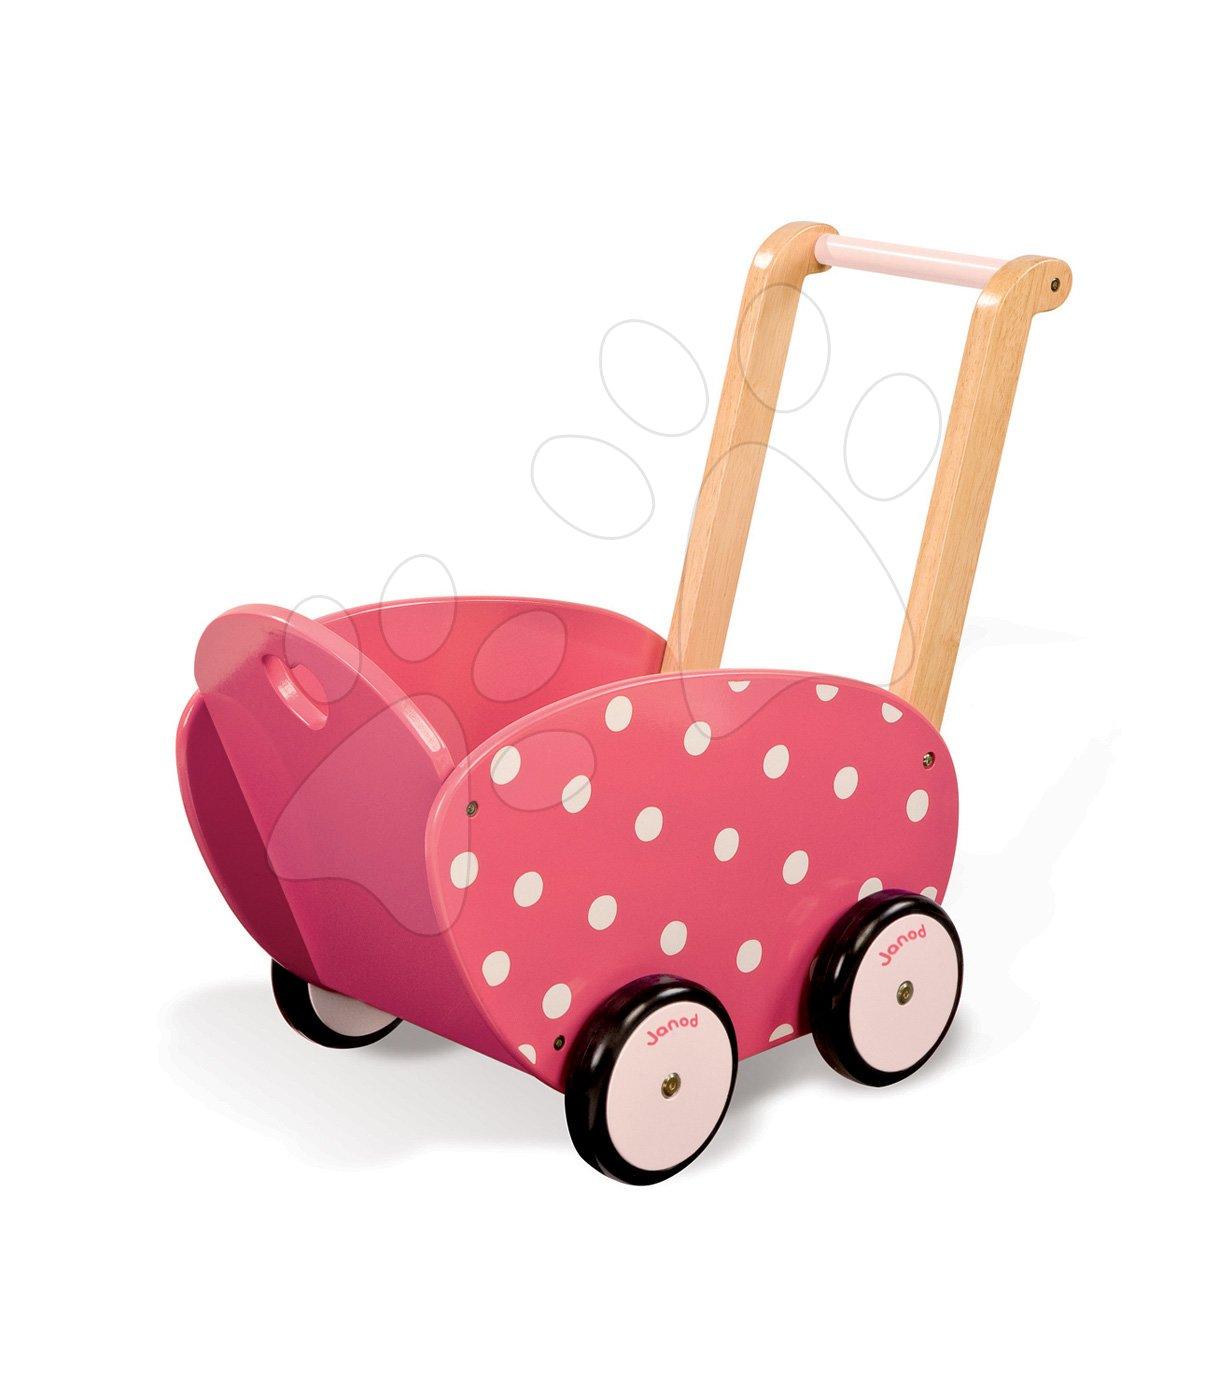 Dřevěný kočárek pro panenku Framboisine Doll 's Pram Janod chodítko